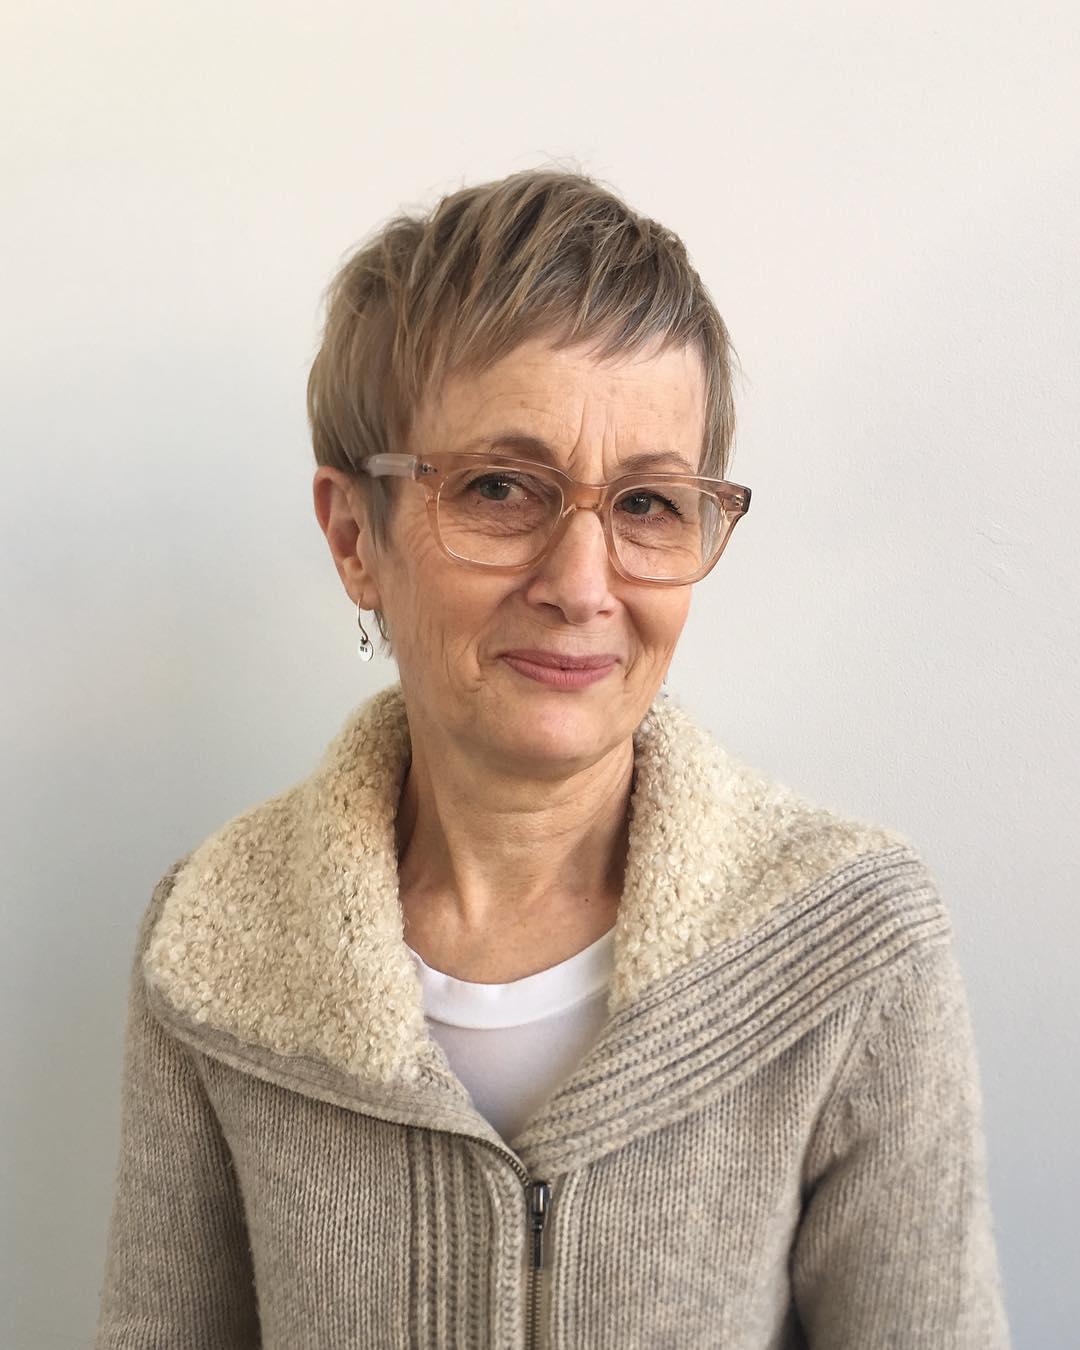 стрижка для женщин после 50 лет фото 16